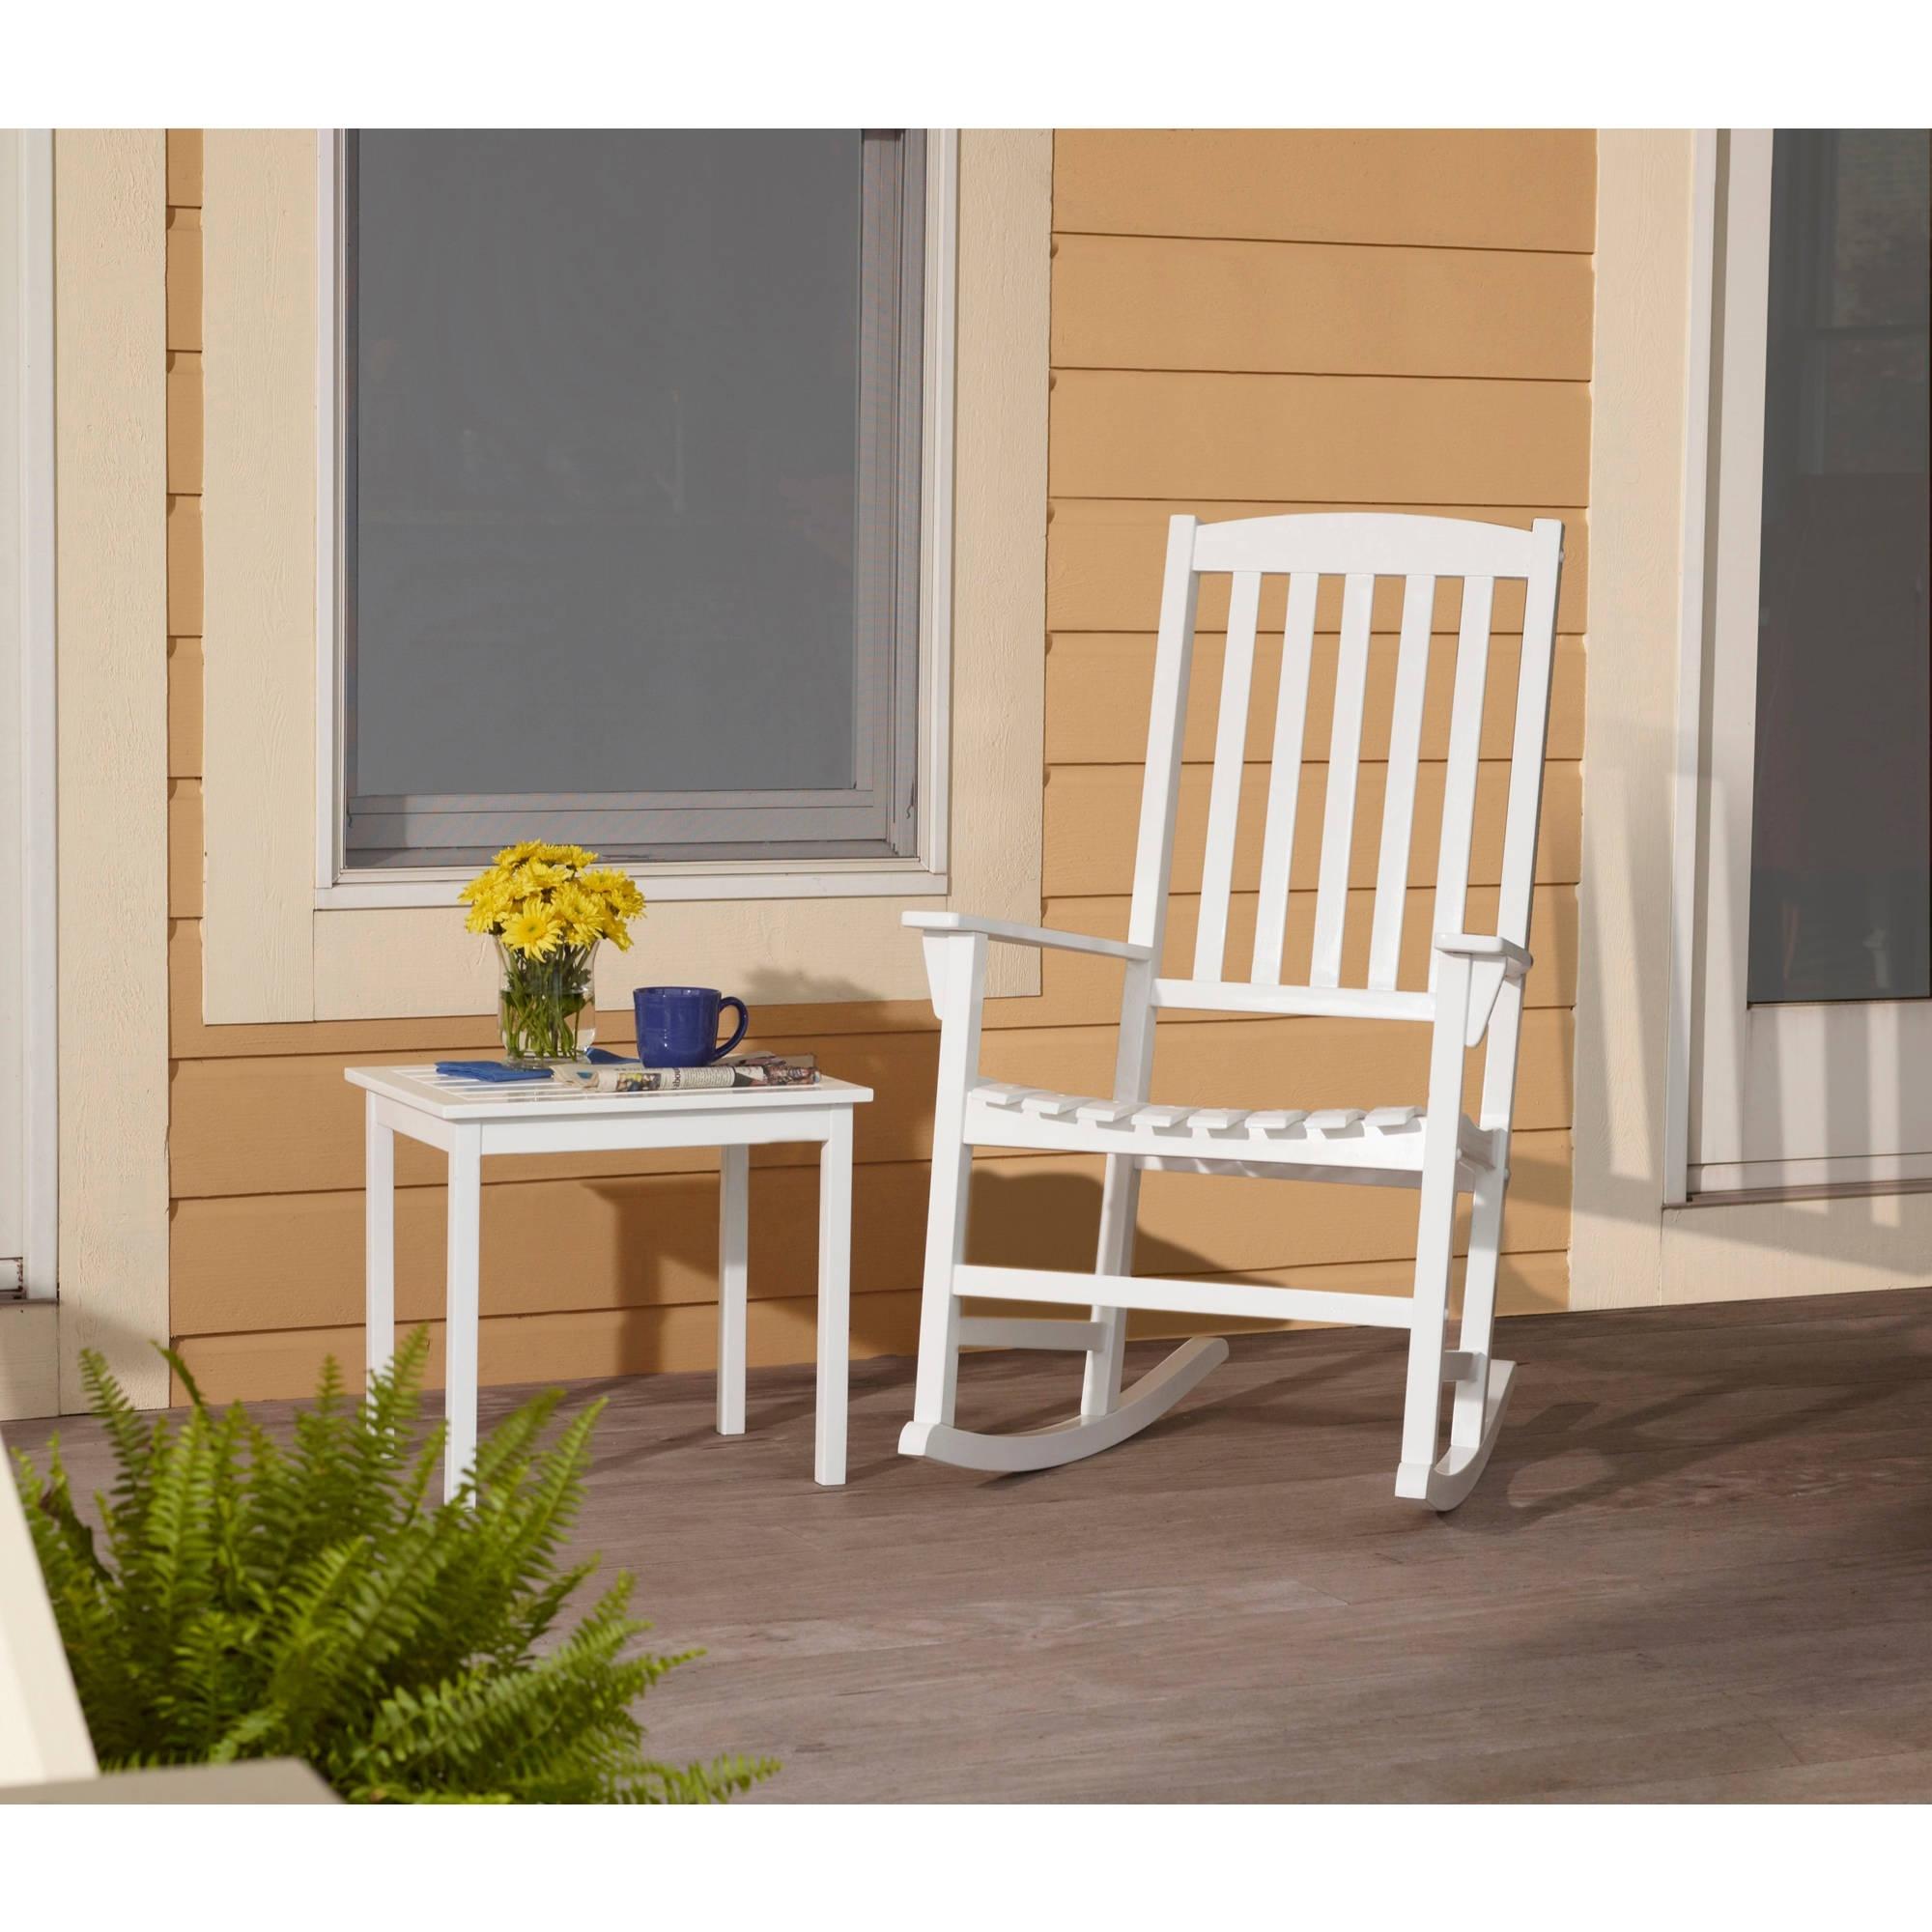 Mainstays Outdoor Rocking Chair, White – Walmart Inside Walmart Rocking Chairs (View 4 of 15)